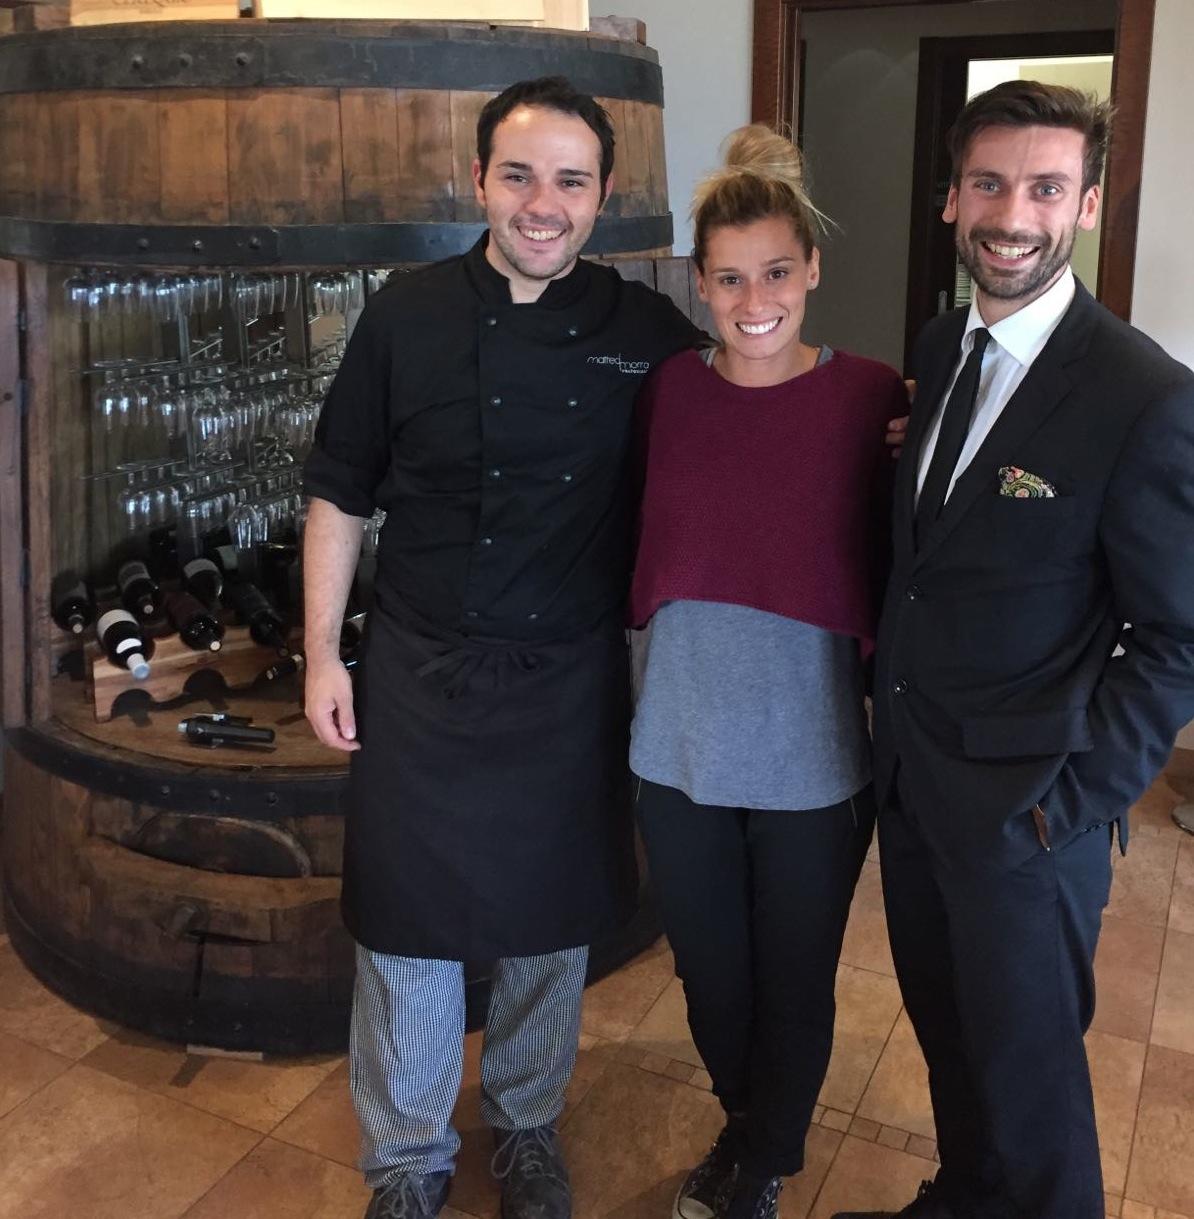 Francesca Dallapè al Matteo Morra Restaurant nella cantina Sylla Sebaste insieme allo chef Matteo Morra ed al maitre Andrea Stupia